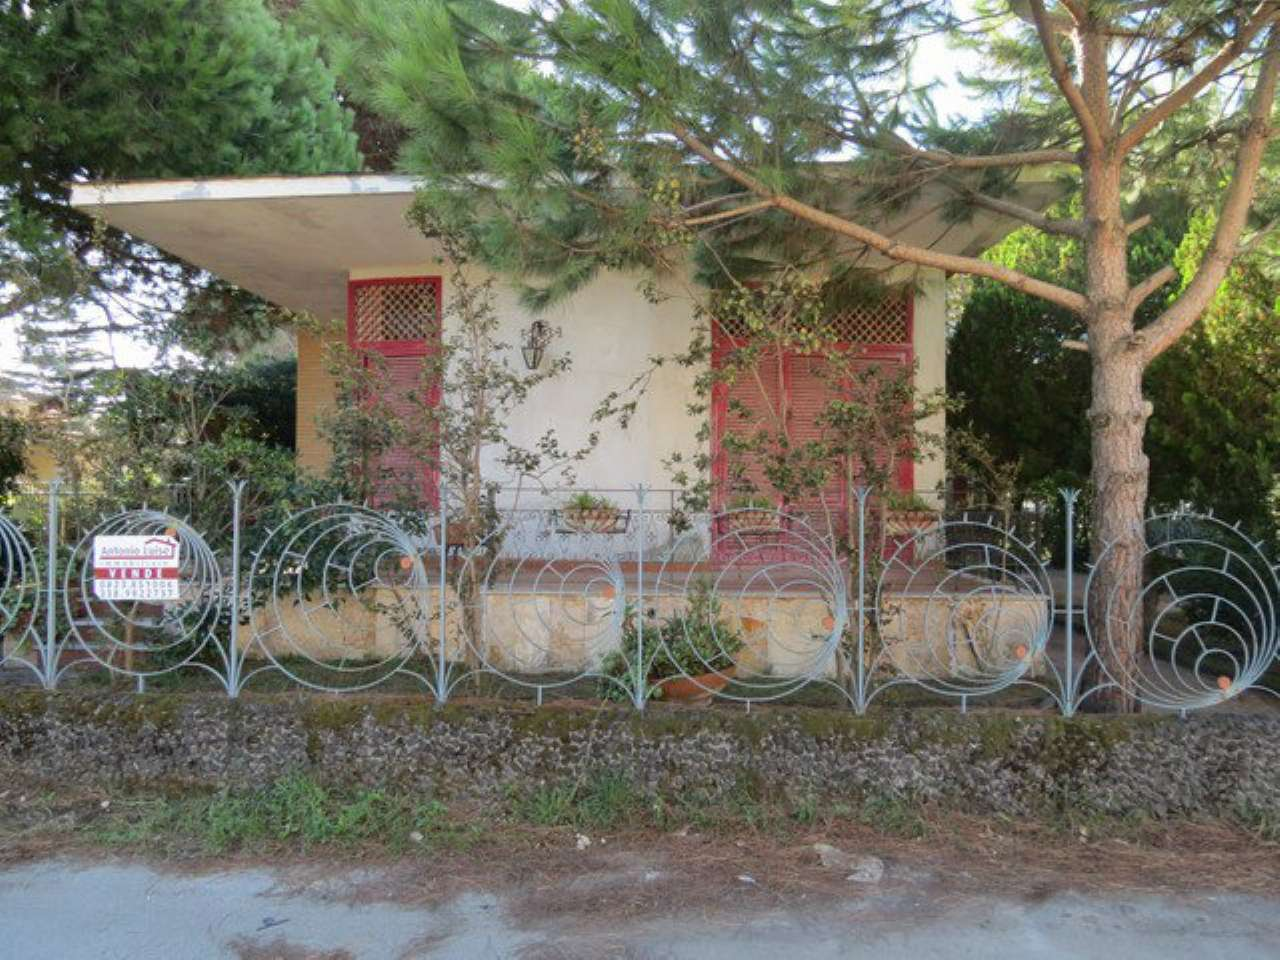 Villa in vendita a Castel Volturno, 3 locali, prezzo € 90.000 | CambioCasa.it